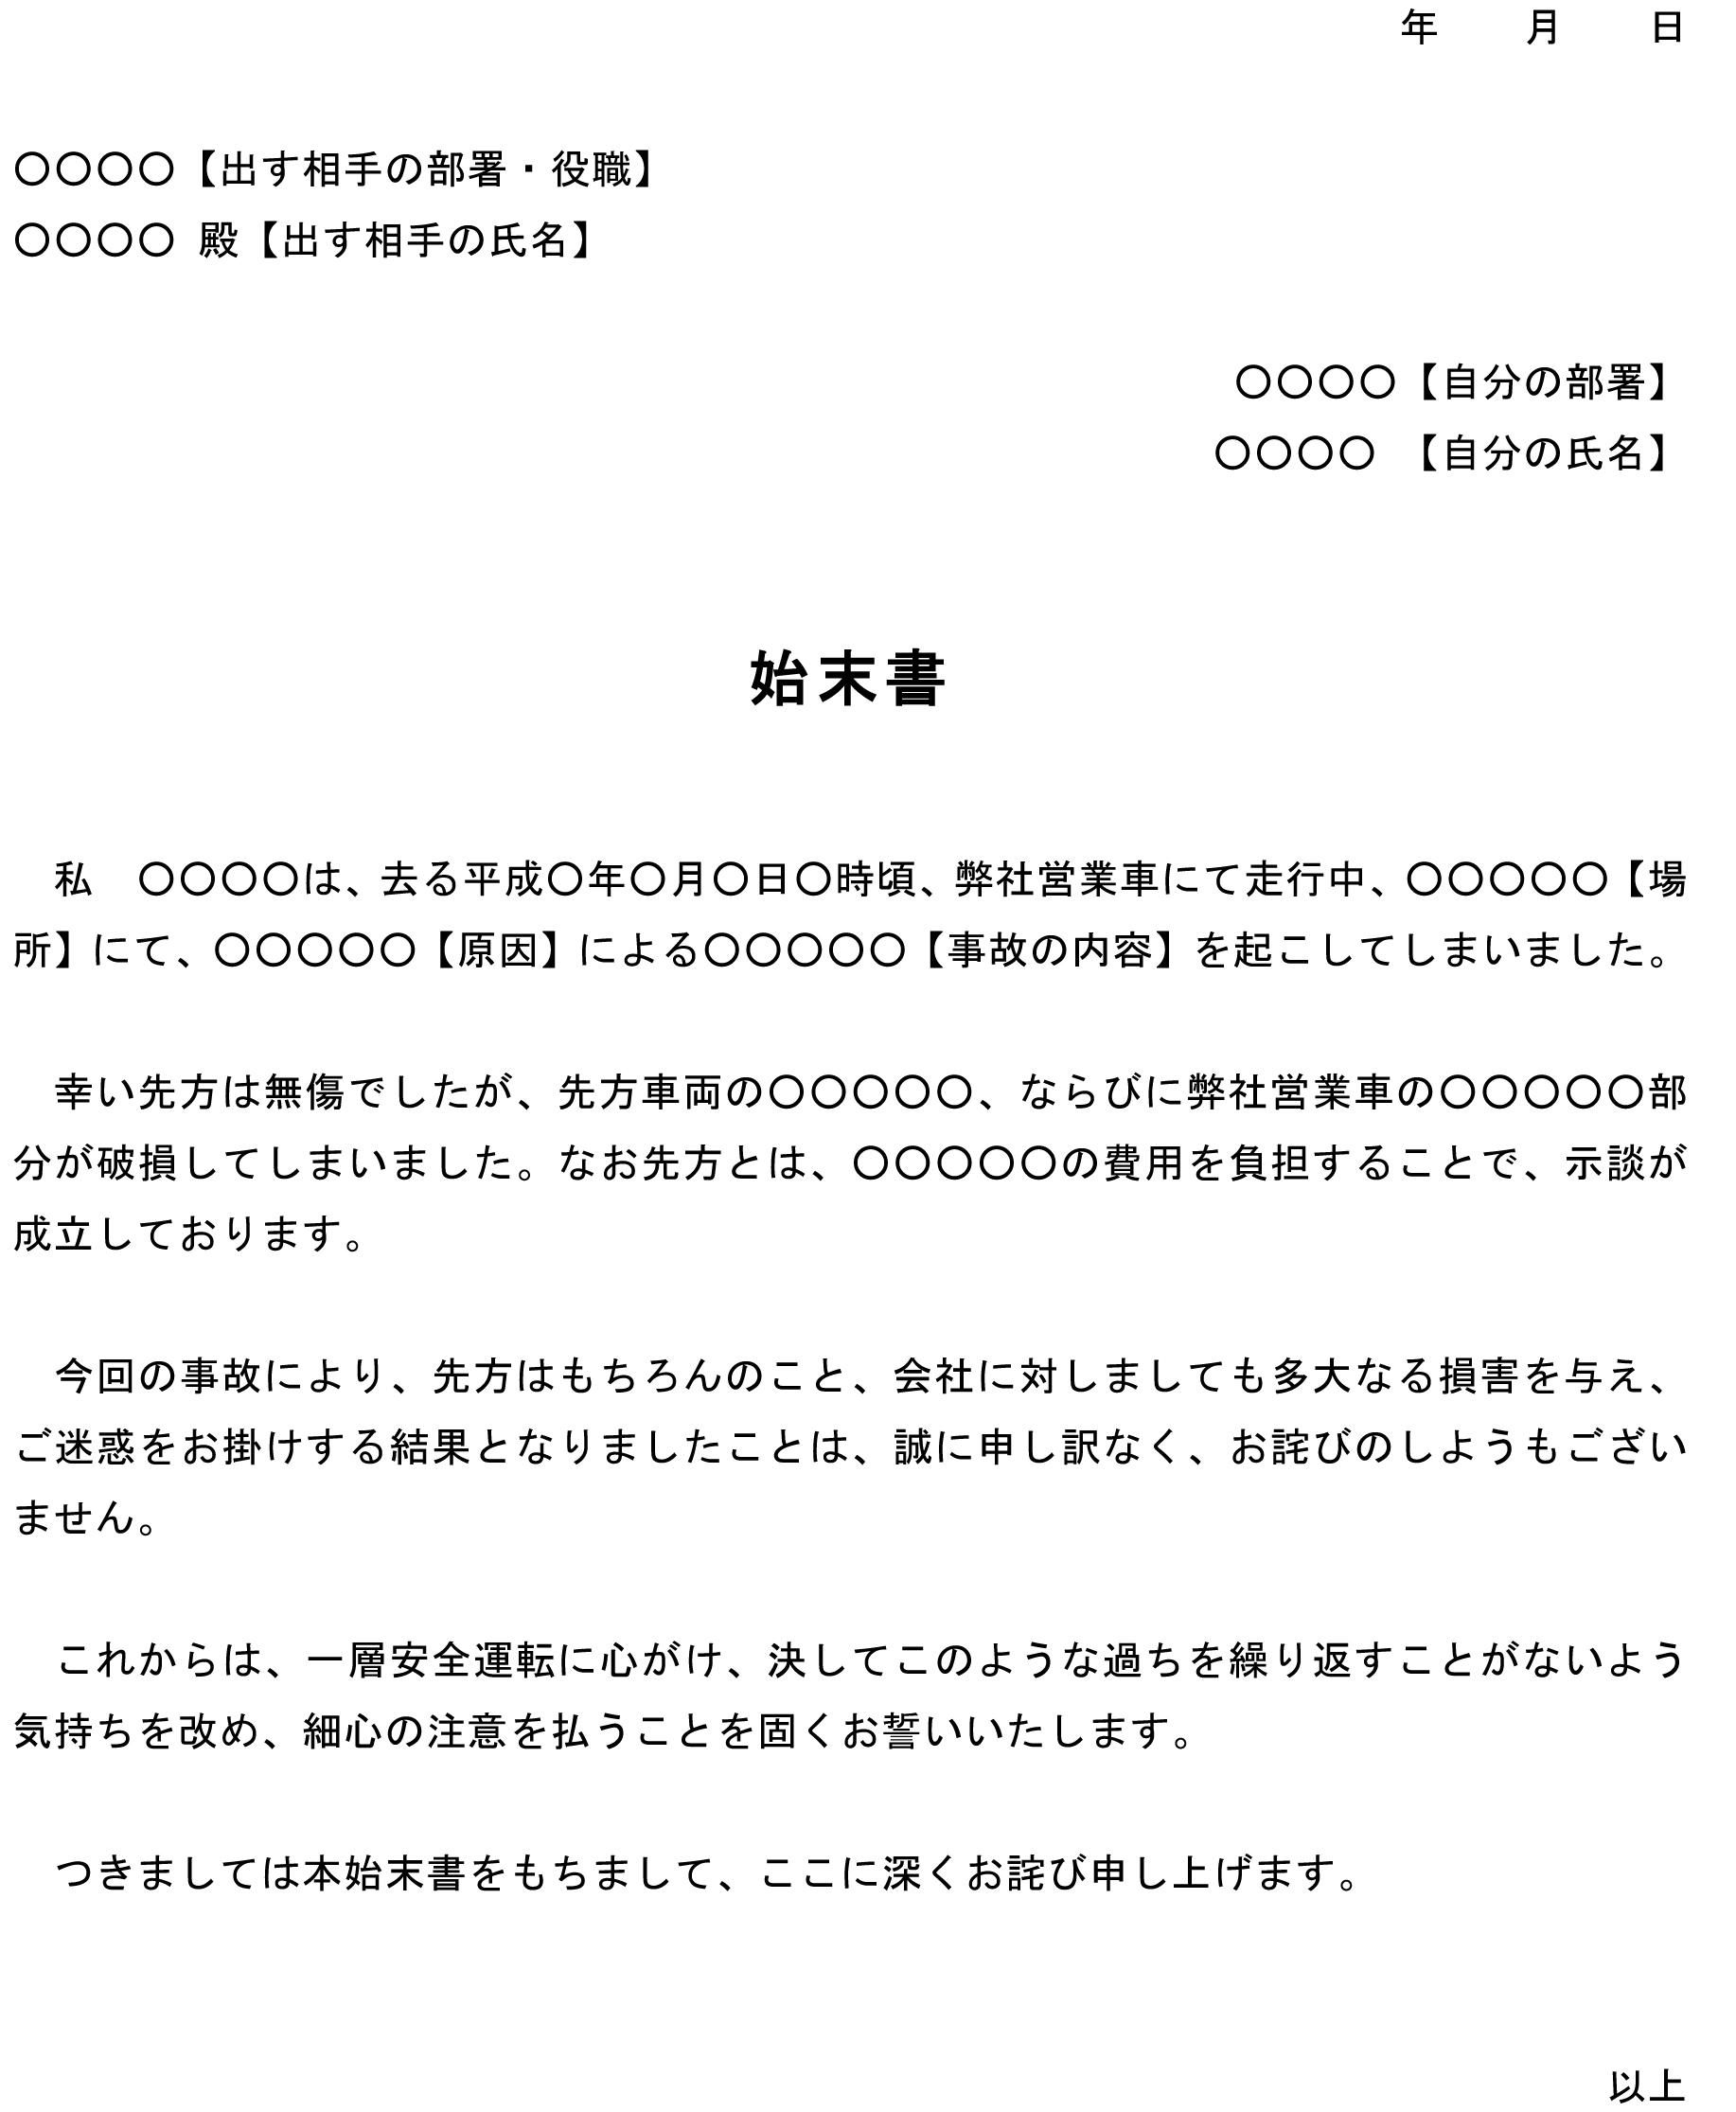 始末書(交通事故)02